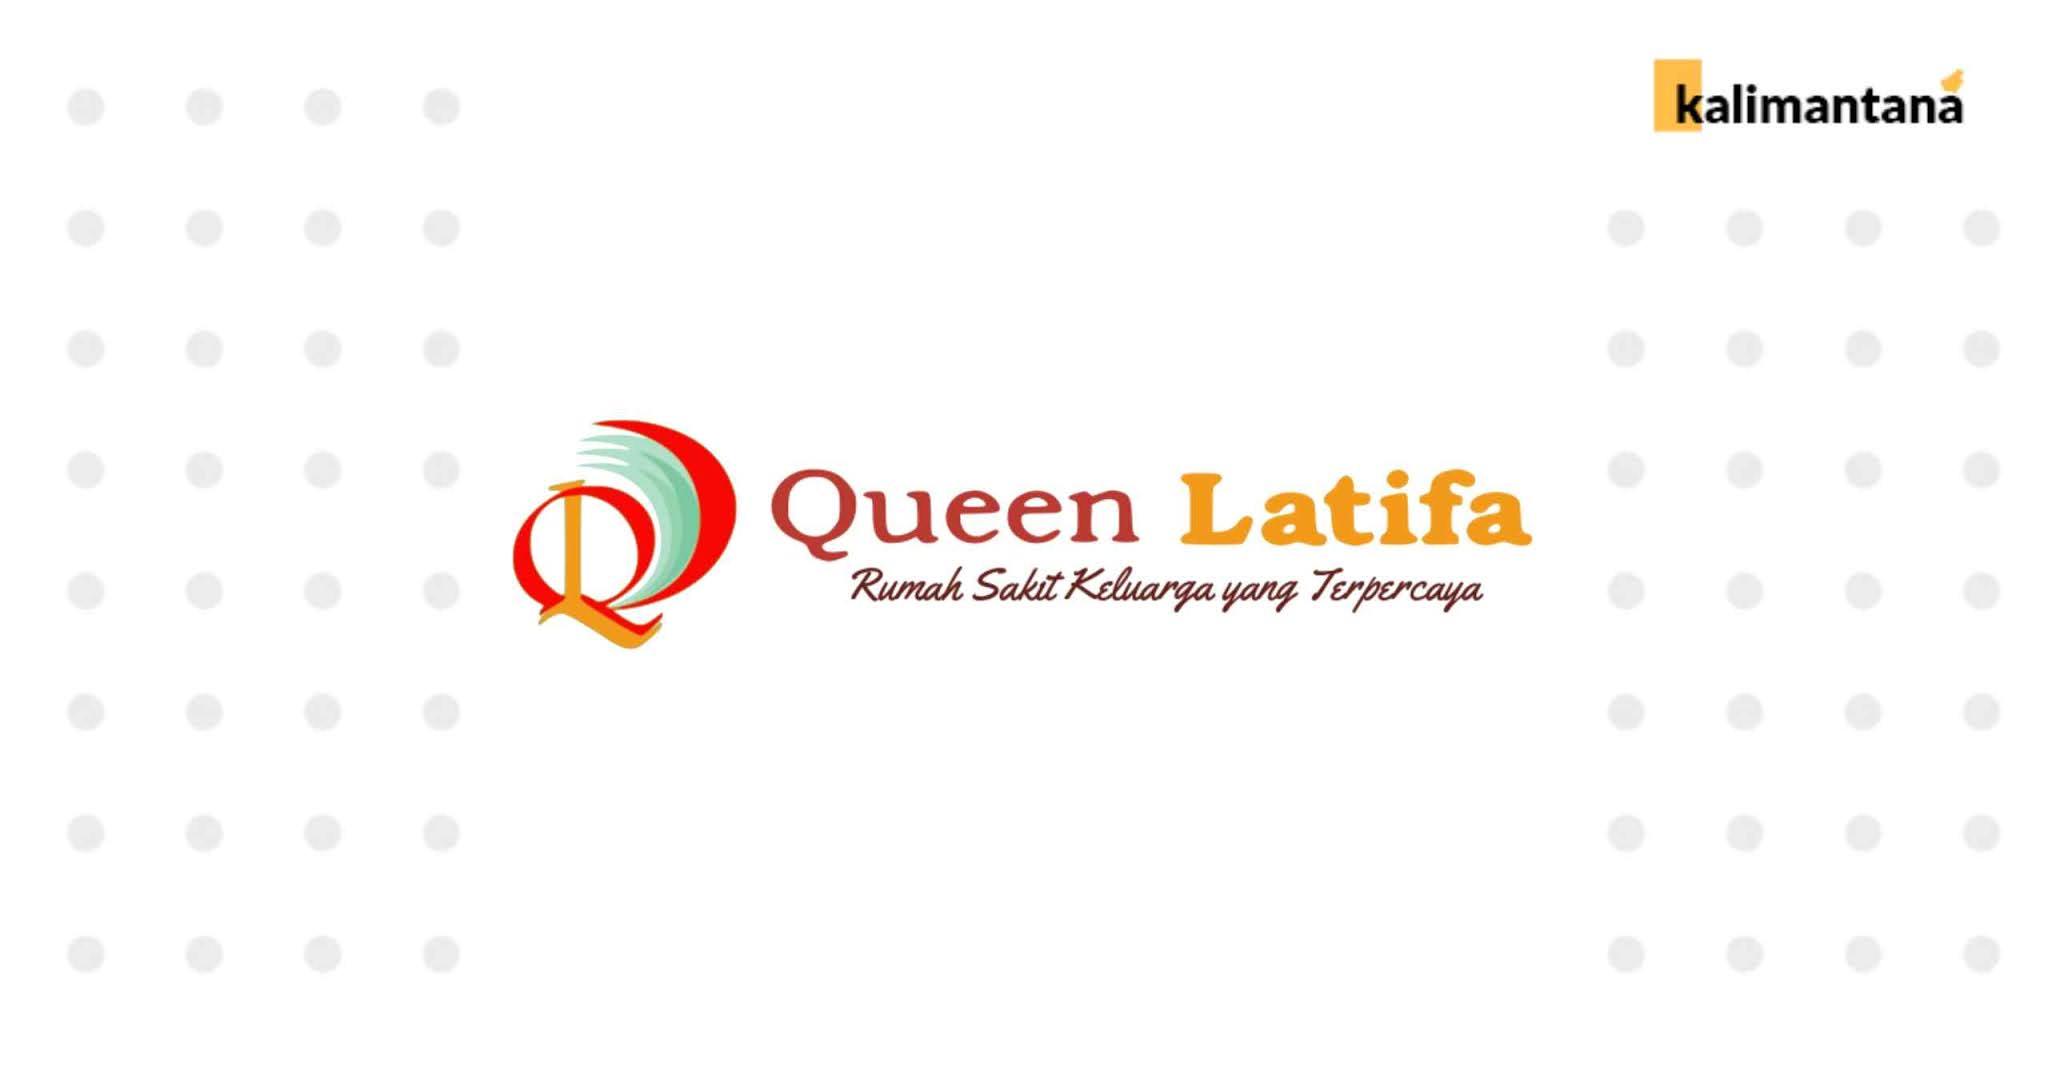 Lowongan Kerja Medis ATLM Terbaru RS Queen Latifa - 2020